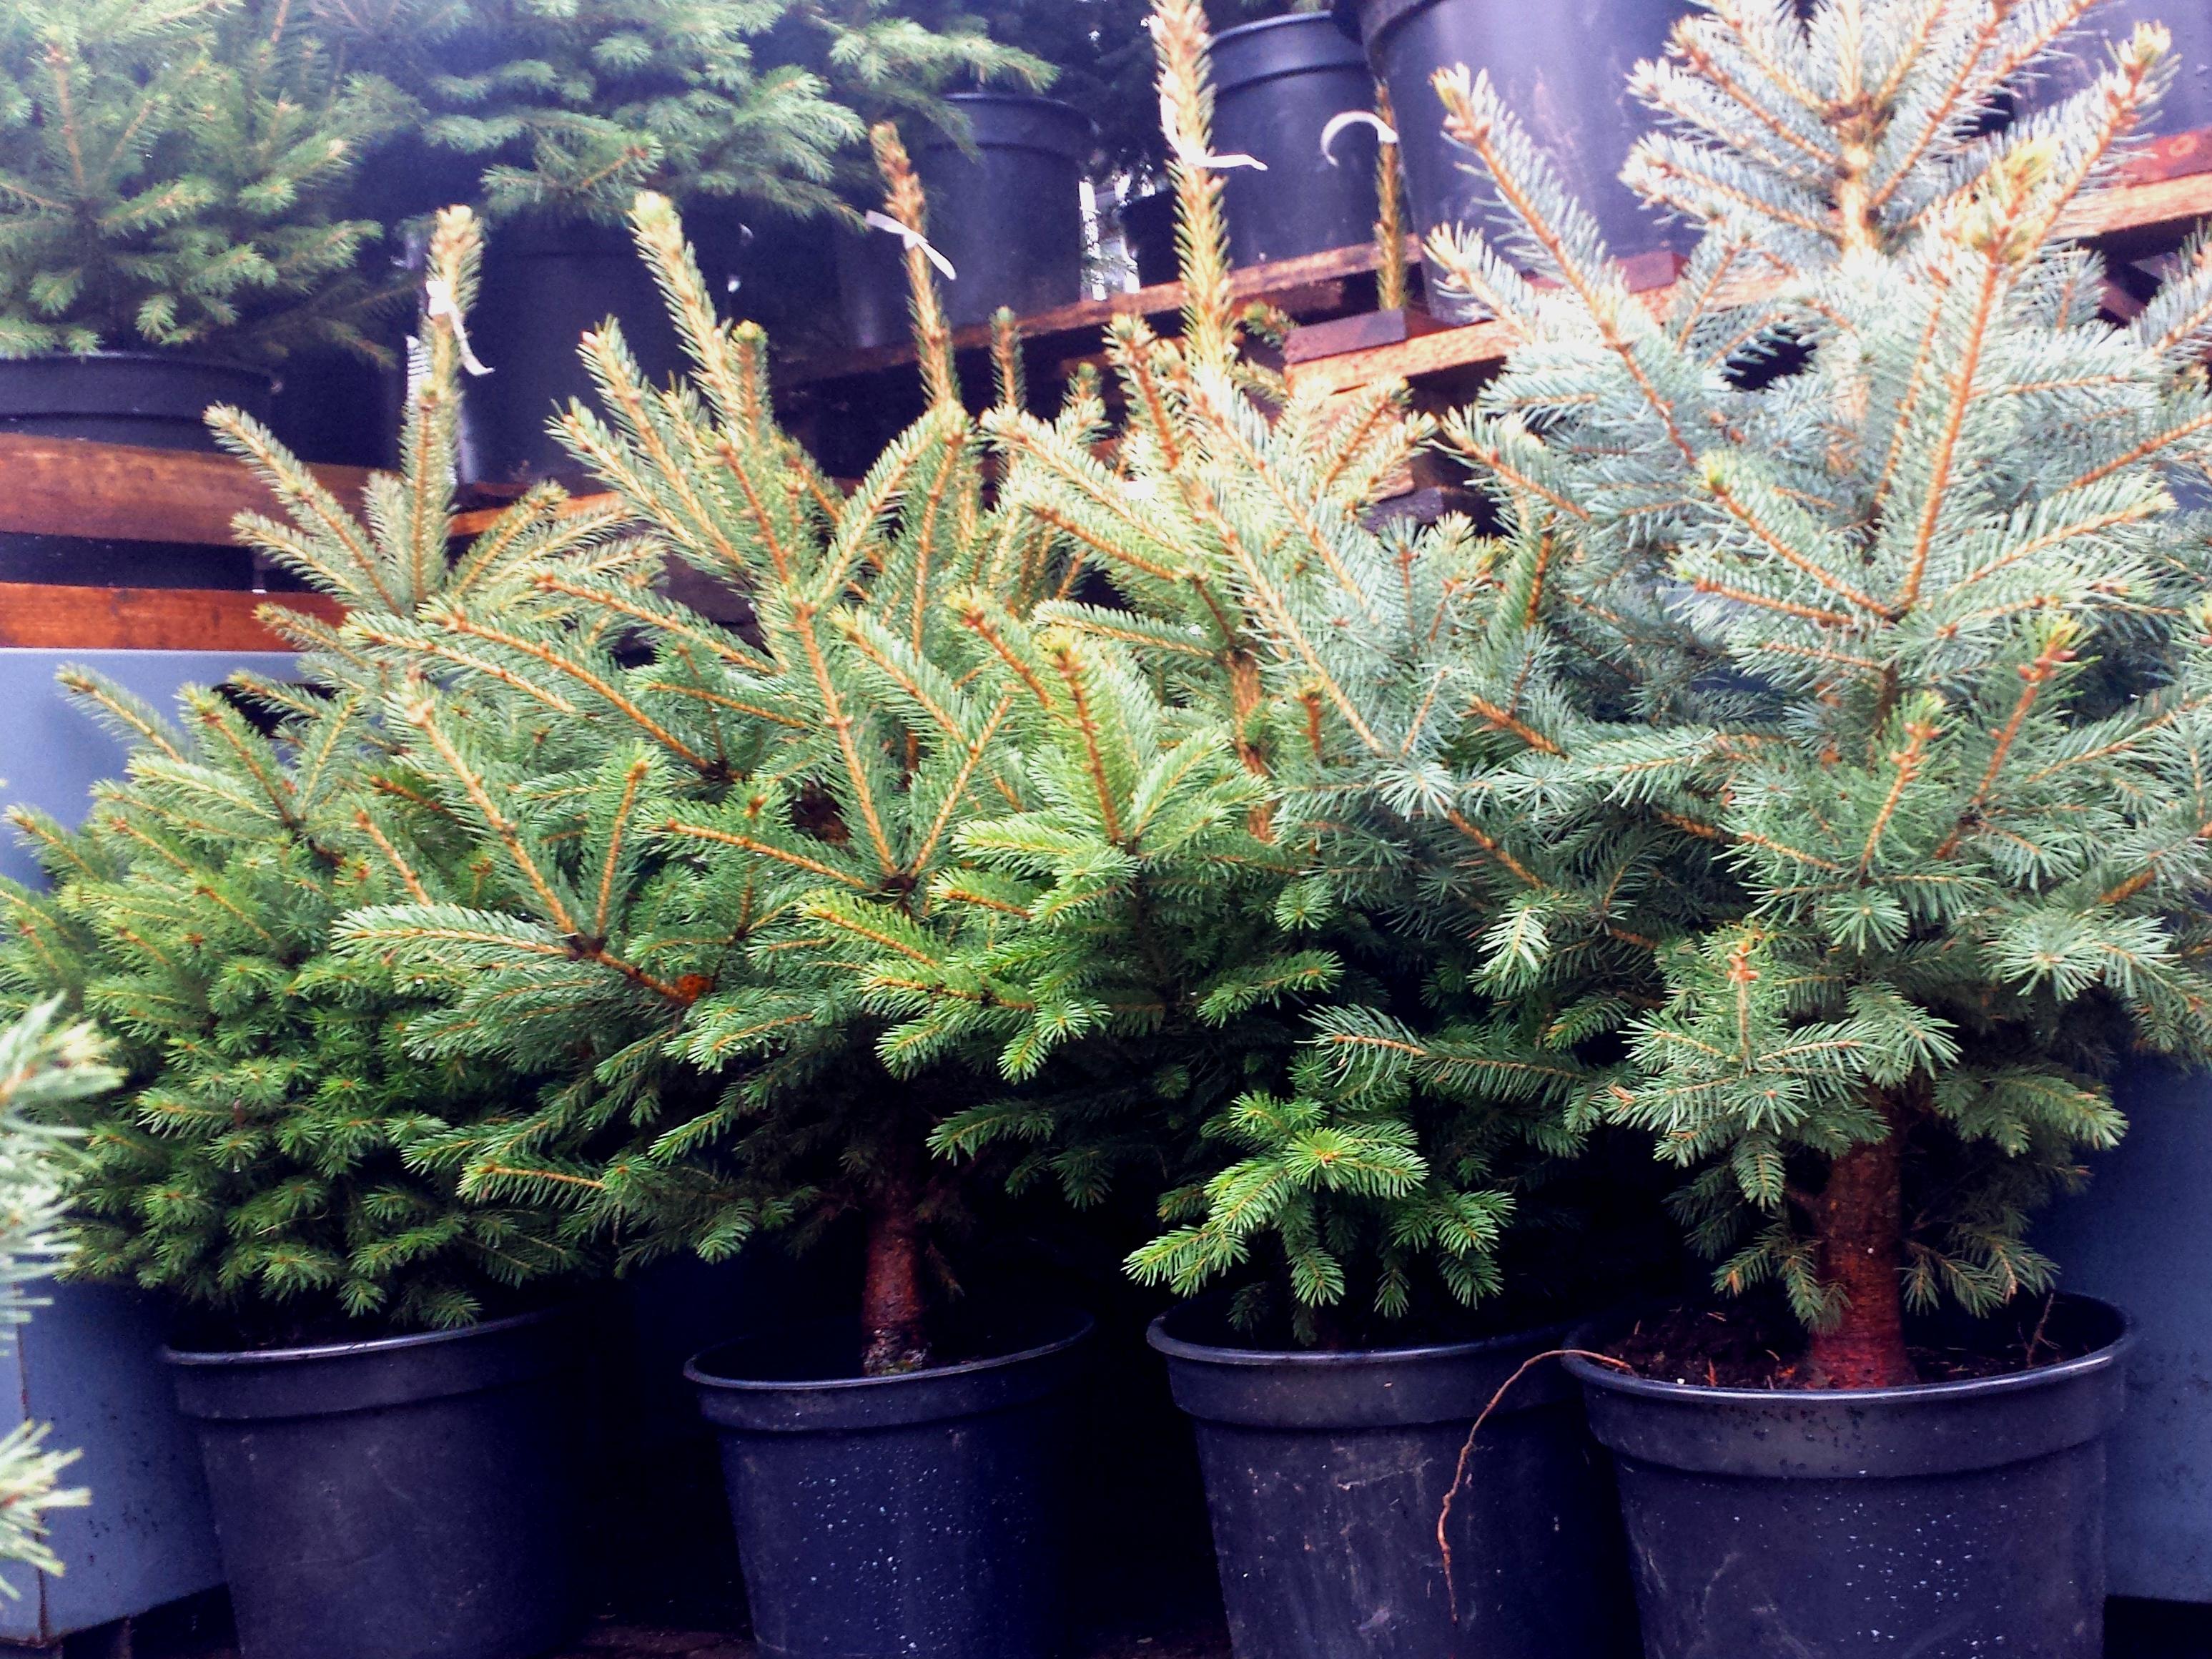 Kalėdinės eglutės prekyboje. Nuotr. L.Liubertaitė